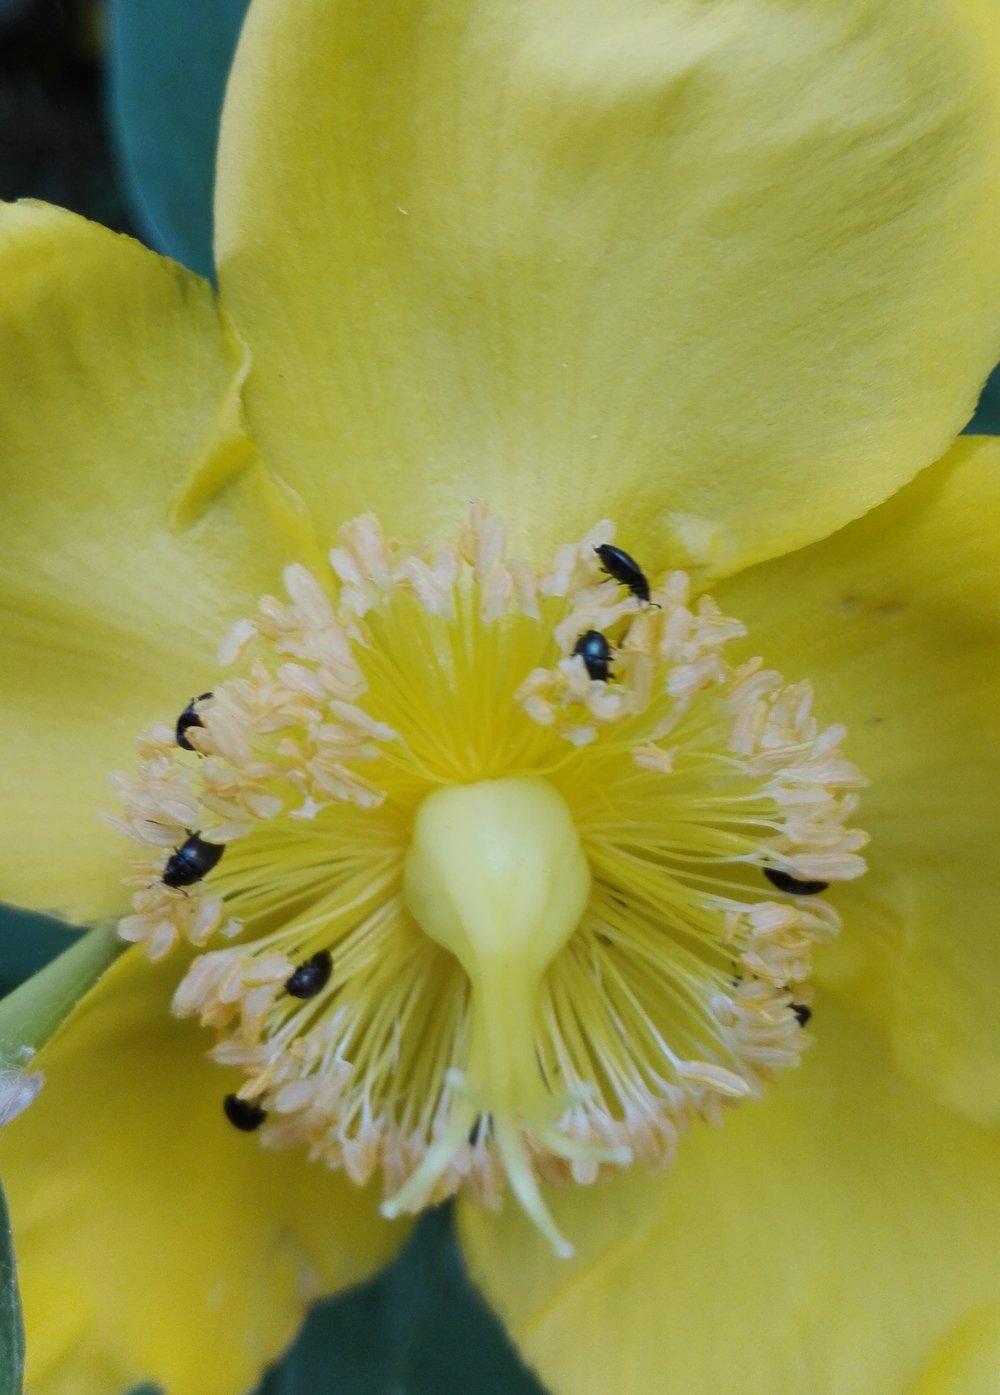 #153 Pollen Beetle